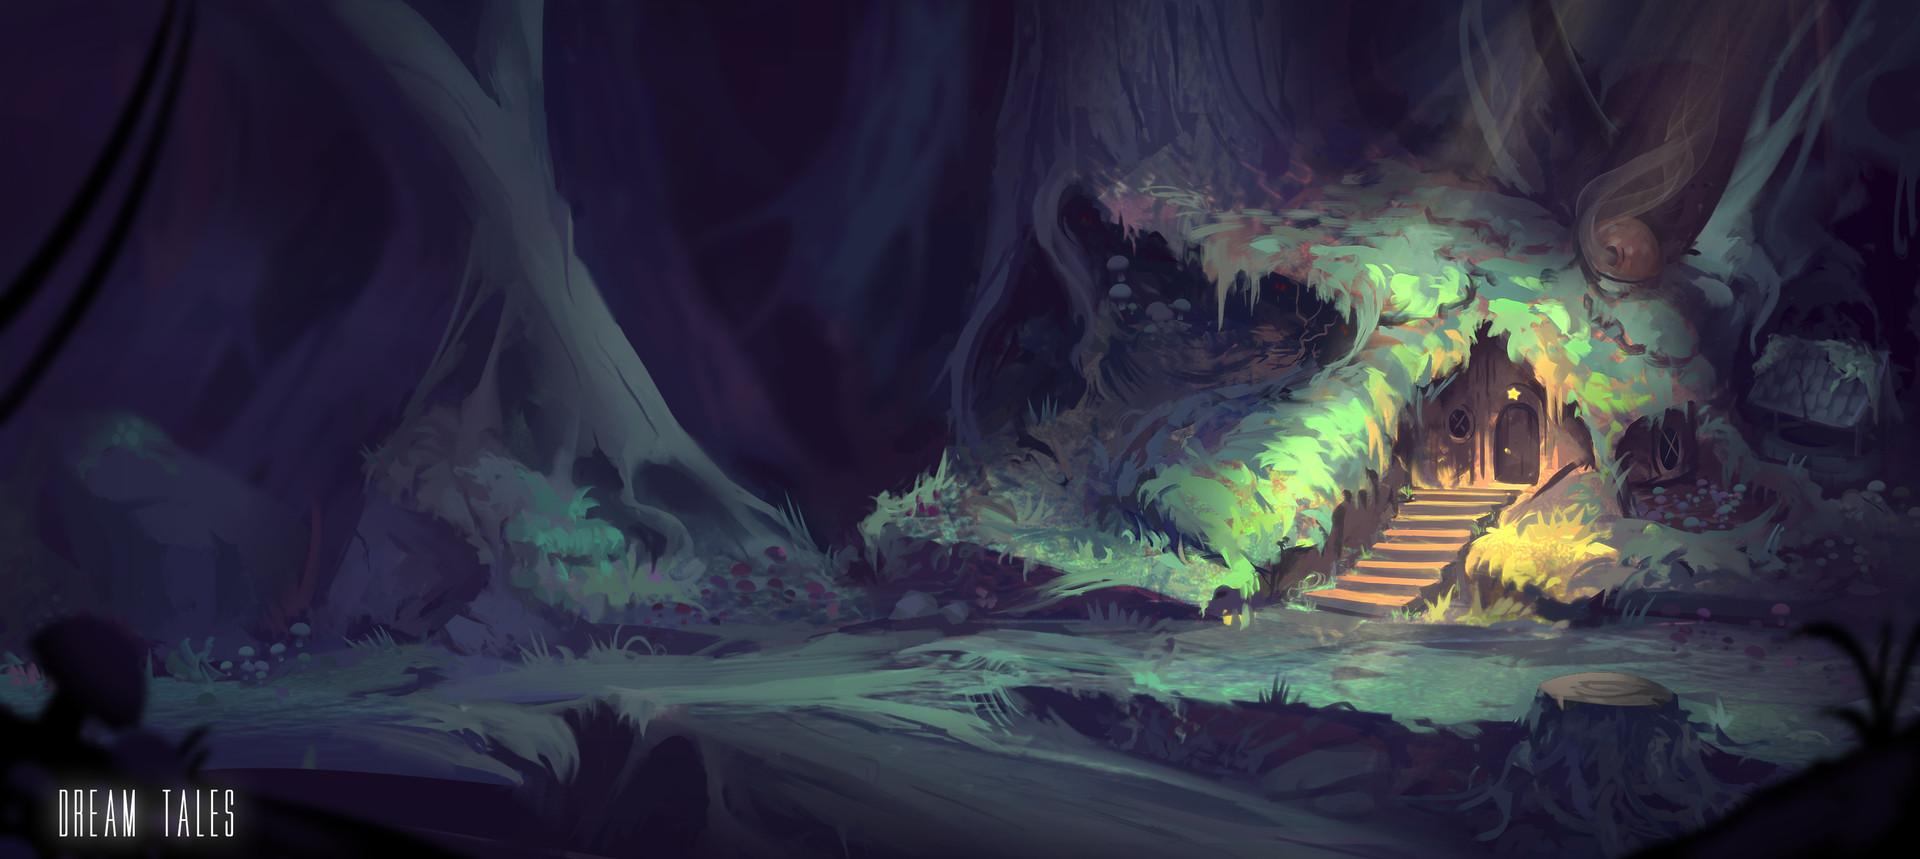 Roberto gatto dream tales forest2